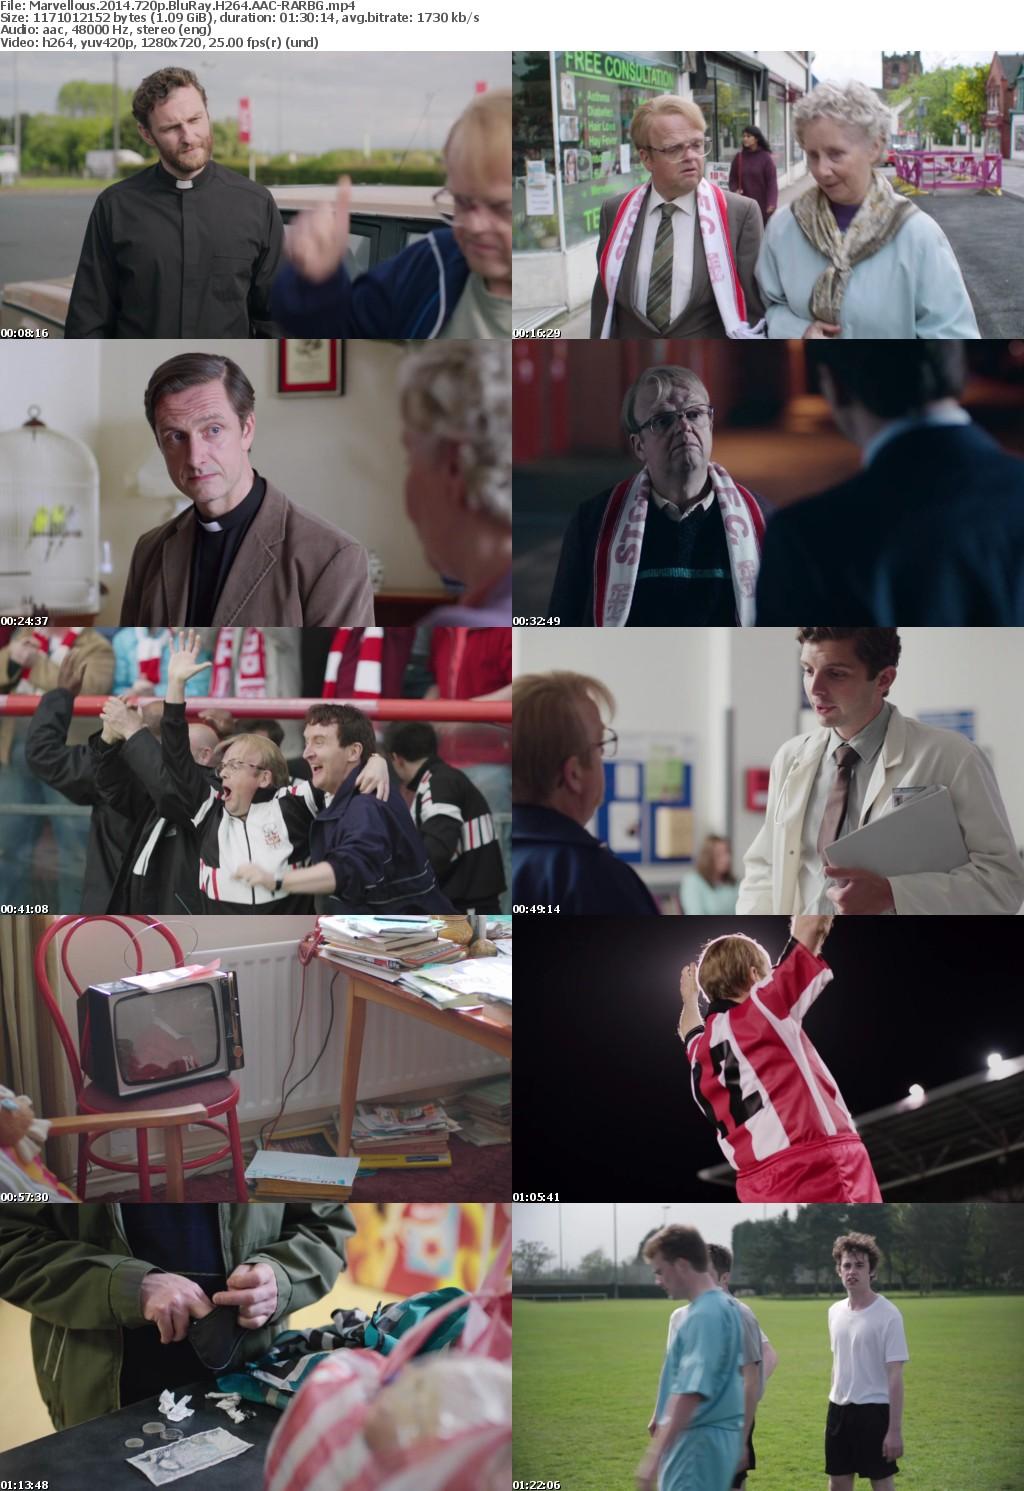 Marvellous (2014) 720p BluRay H264 AAC-RARBG